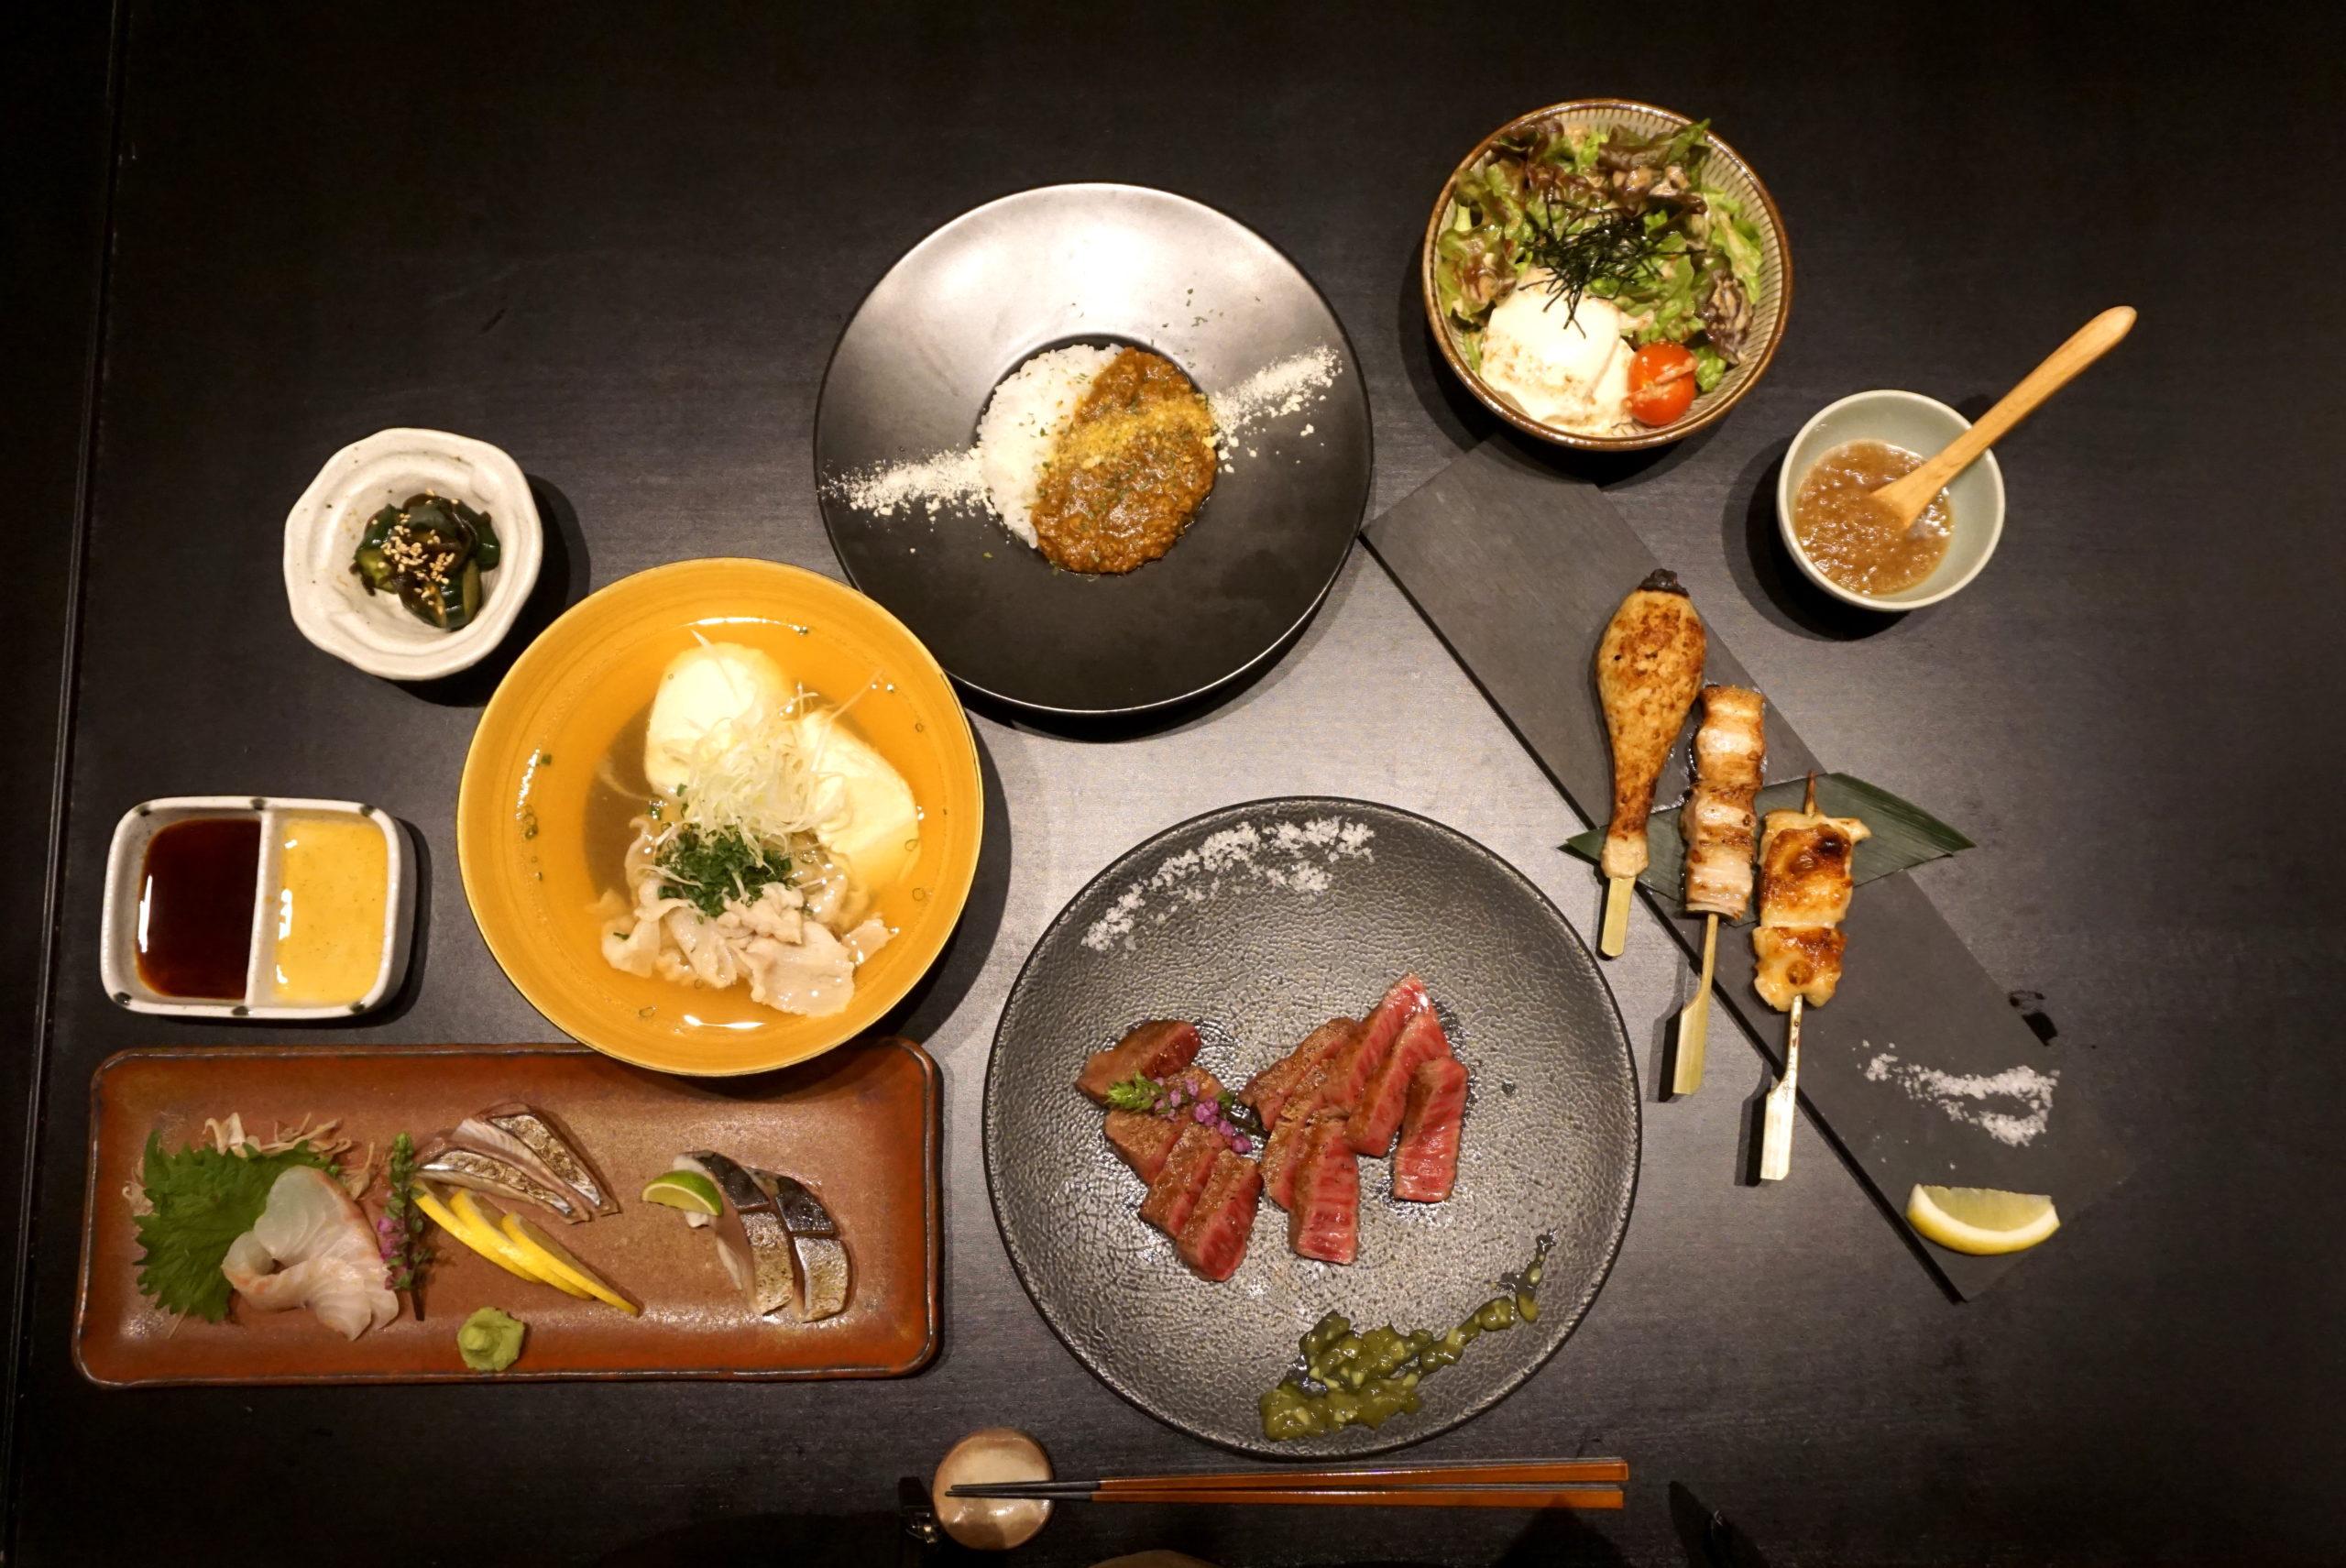 【ごちめしスタッフブログ】「さきめし」食事券を使ったグルメ体験記!